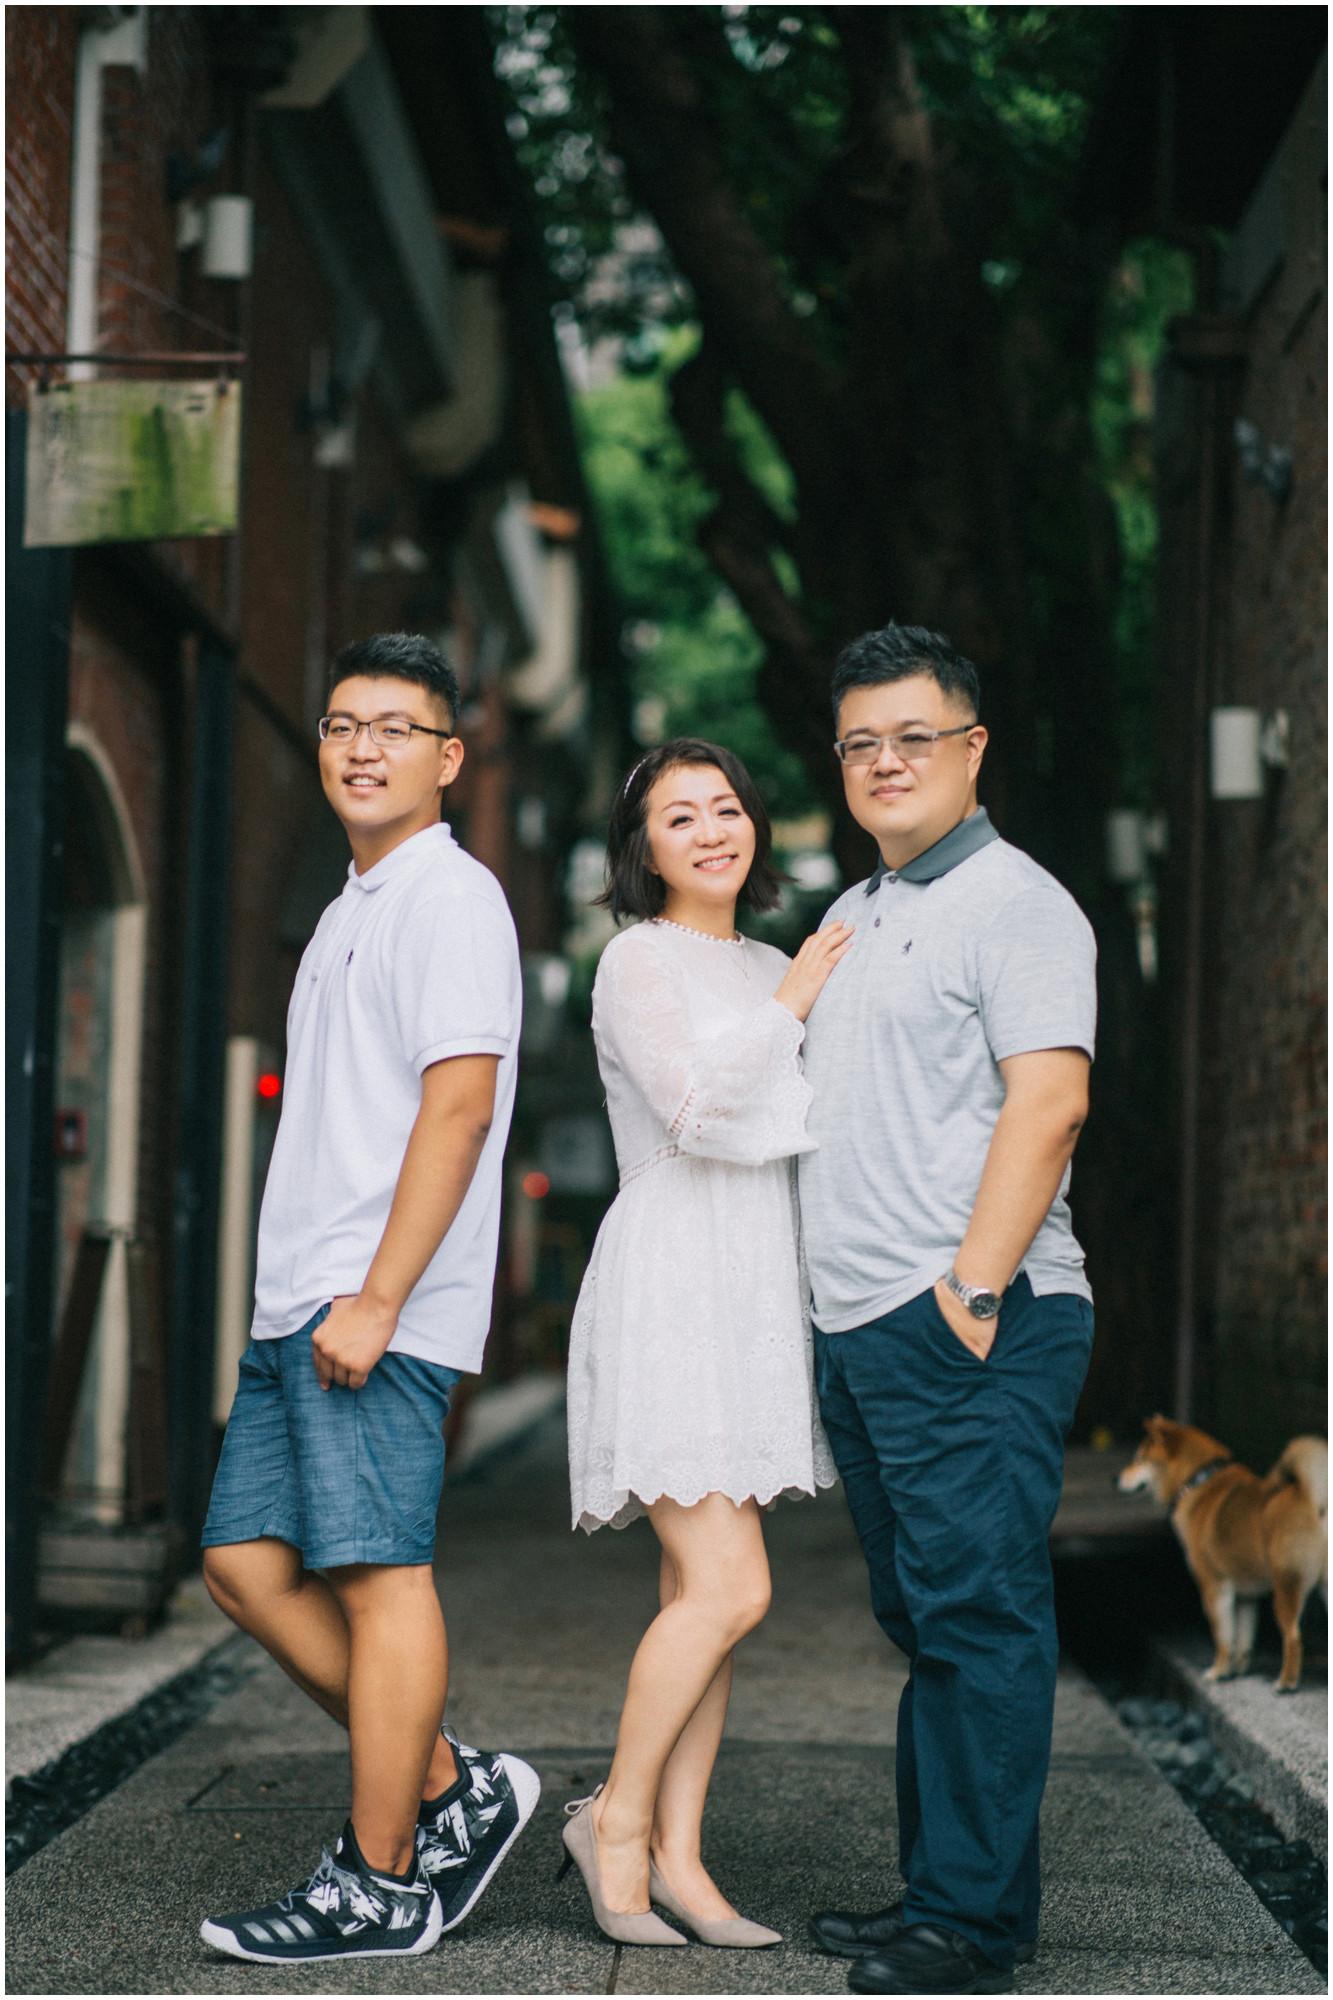 親子寫真 / 華山藝文特區 / 寵物寫真 / 親子婚紗 / 全家福 / 素人寫真